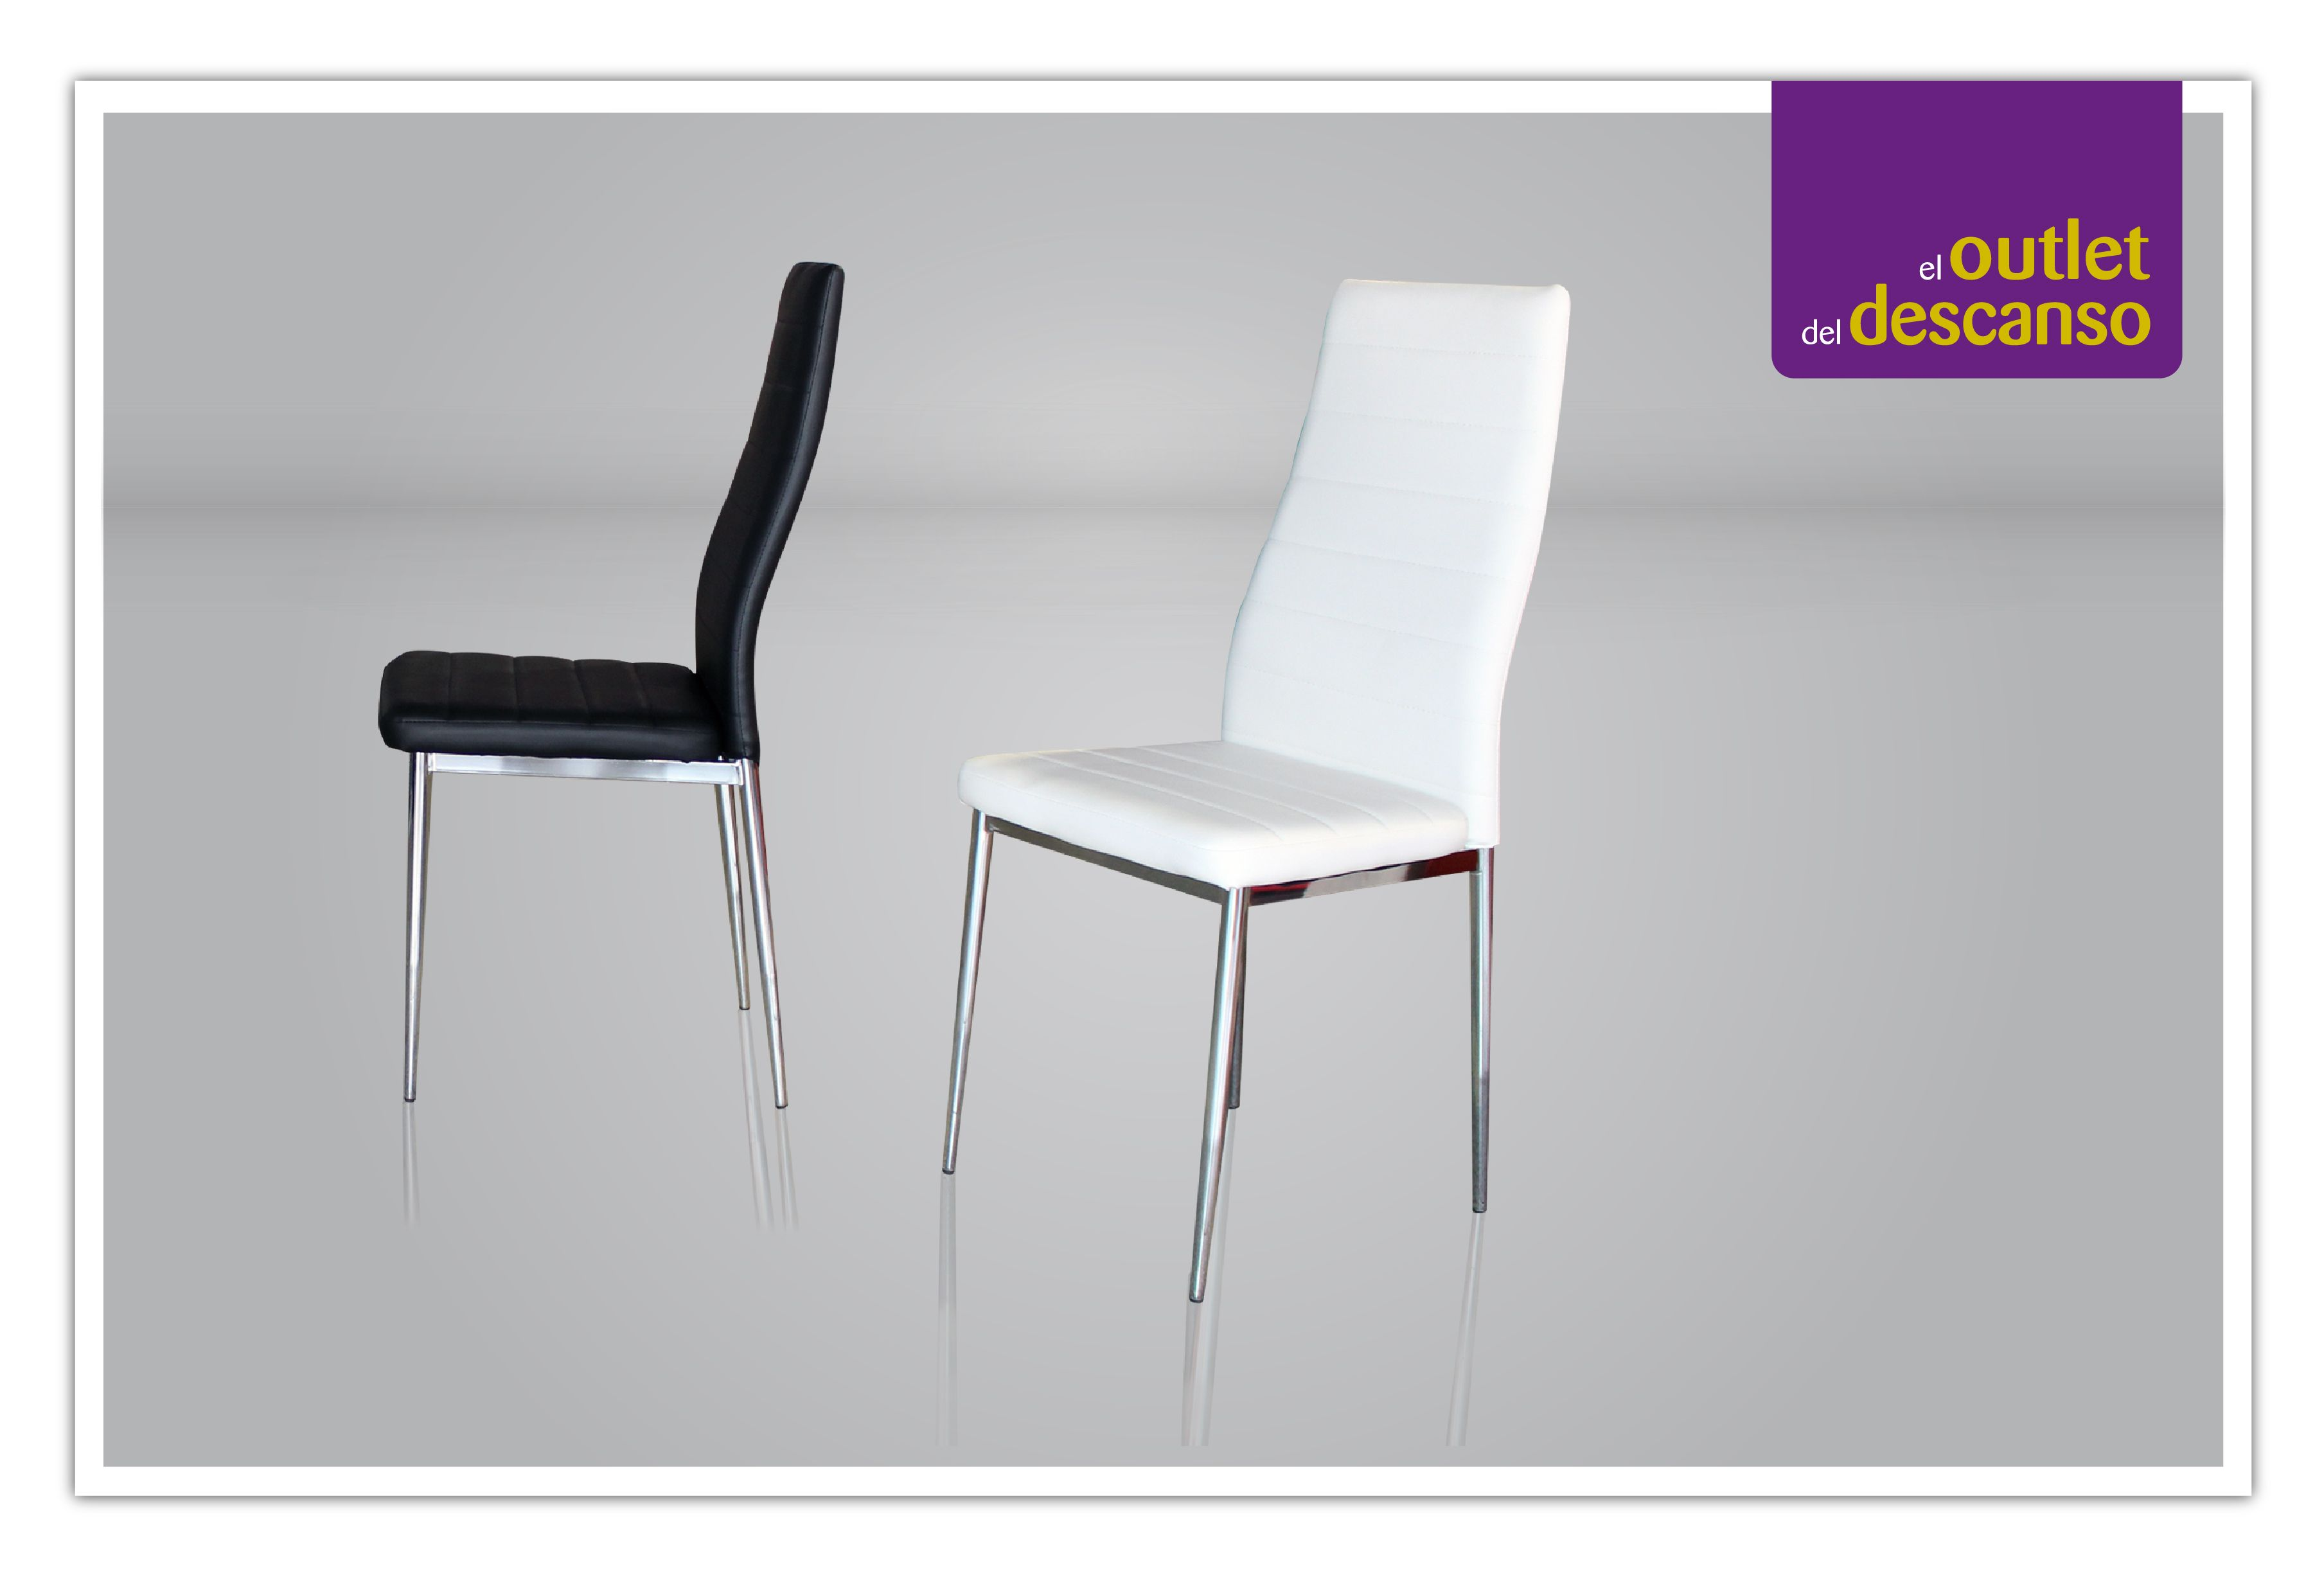 Sillas de comedor estilo moderno #decoracion #interiorismo | el ...